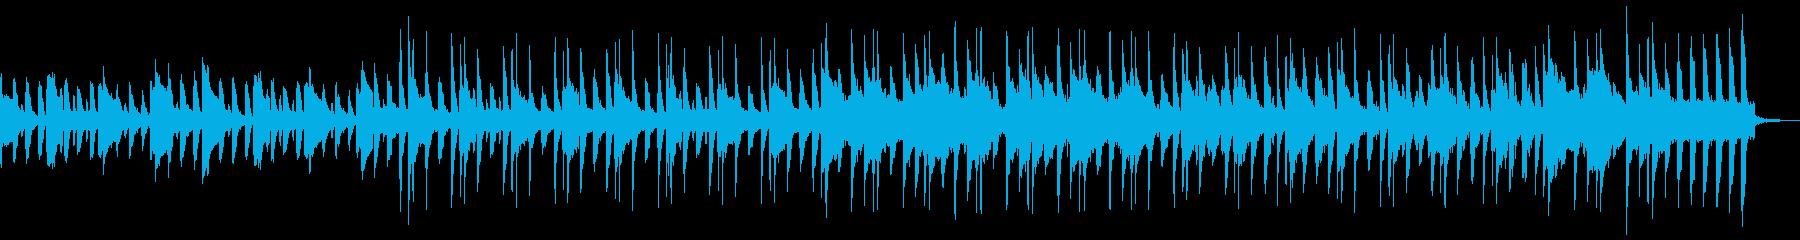 チャイム、ストリングス、ピアノ、ア...の再生済みの波形